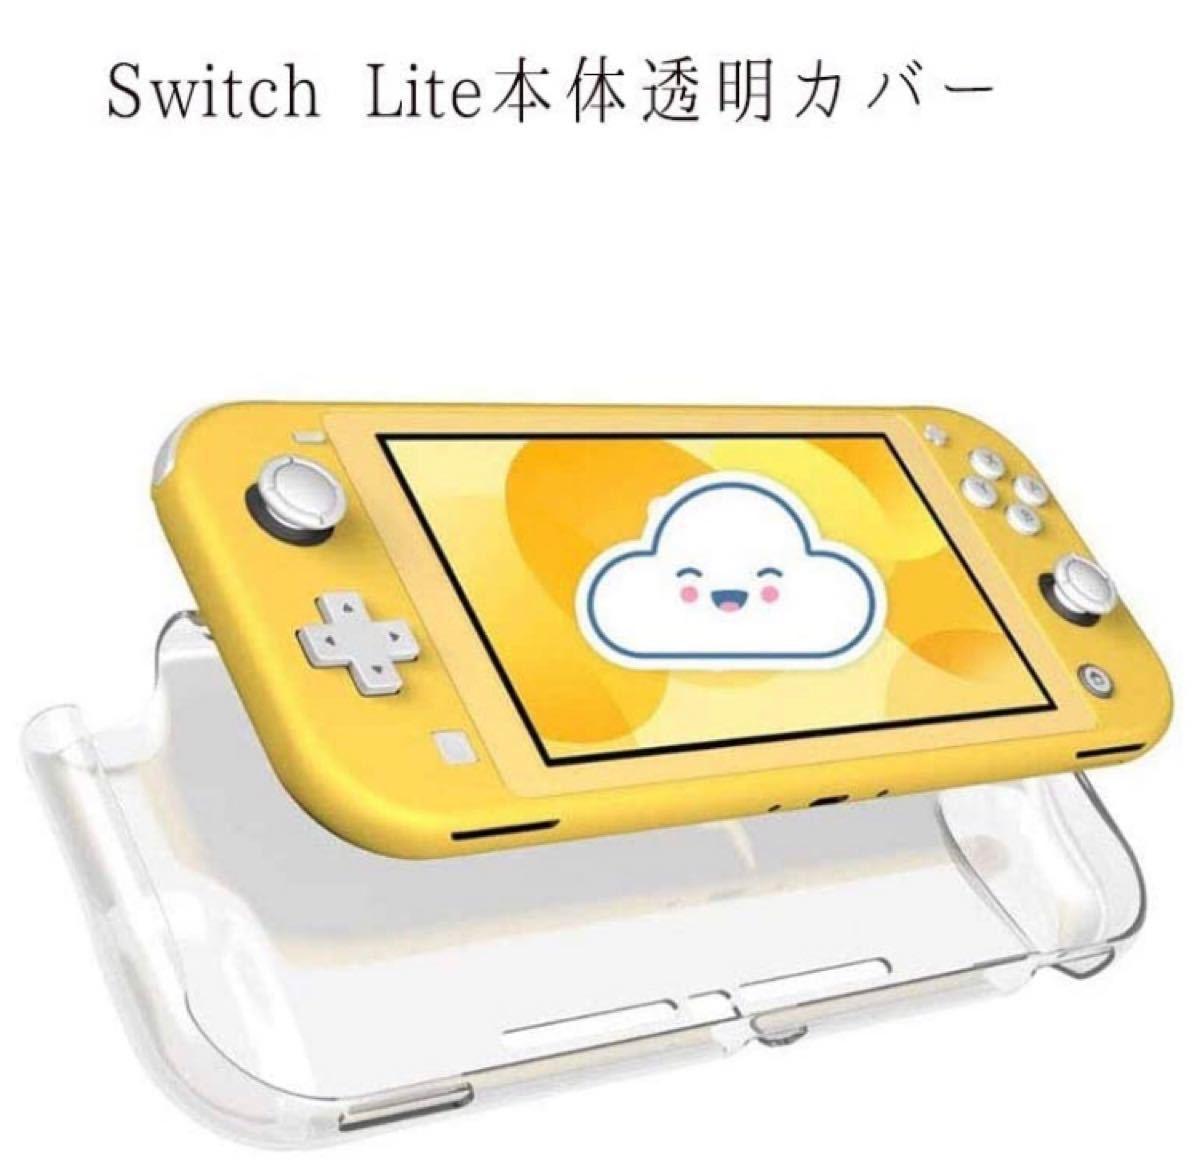 【Nintendo Switch Lite対応】4in1セット 収納ケース